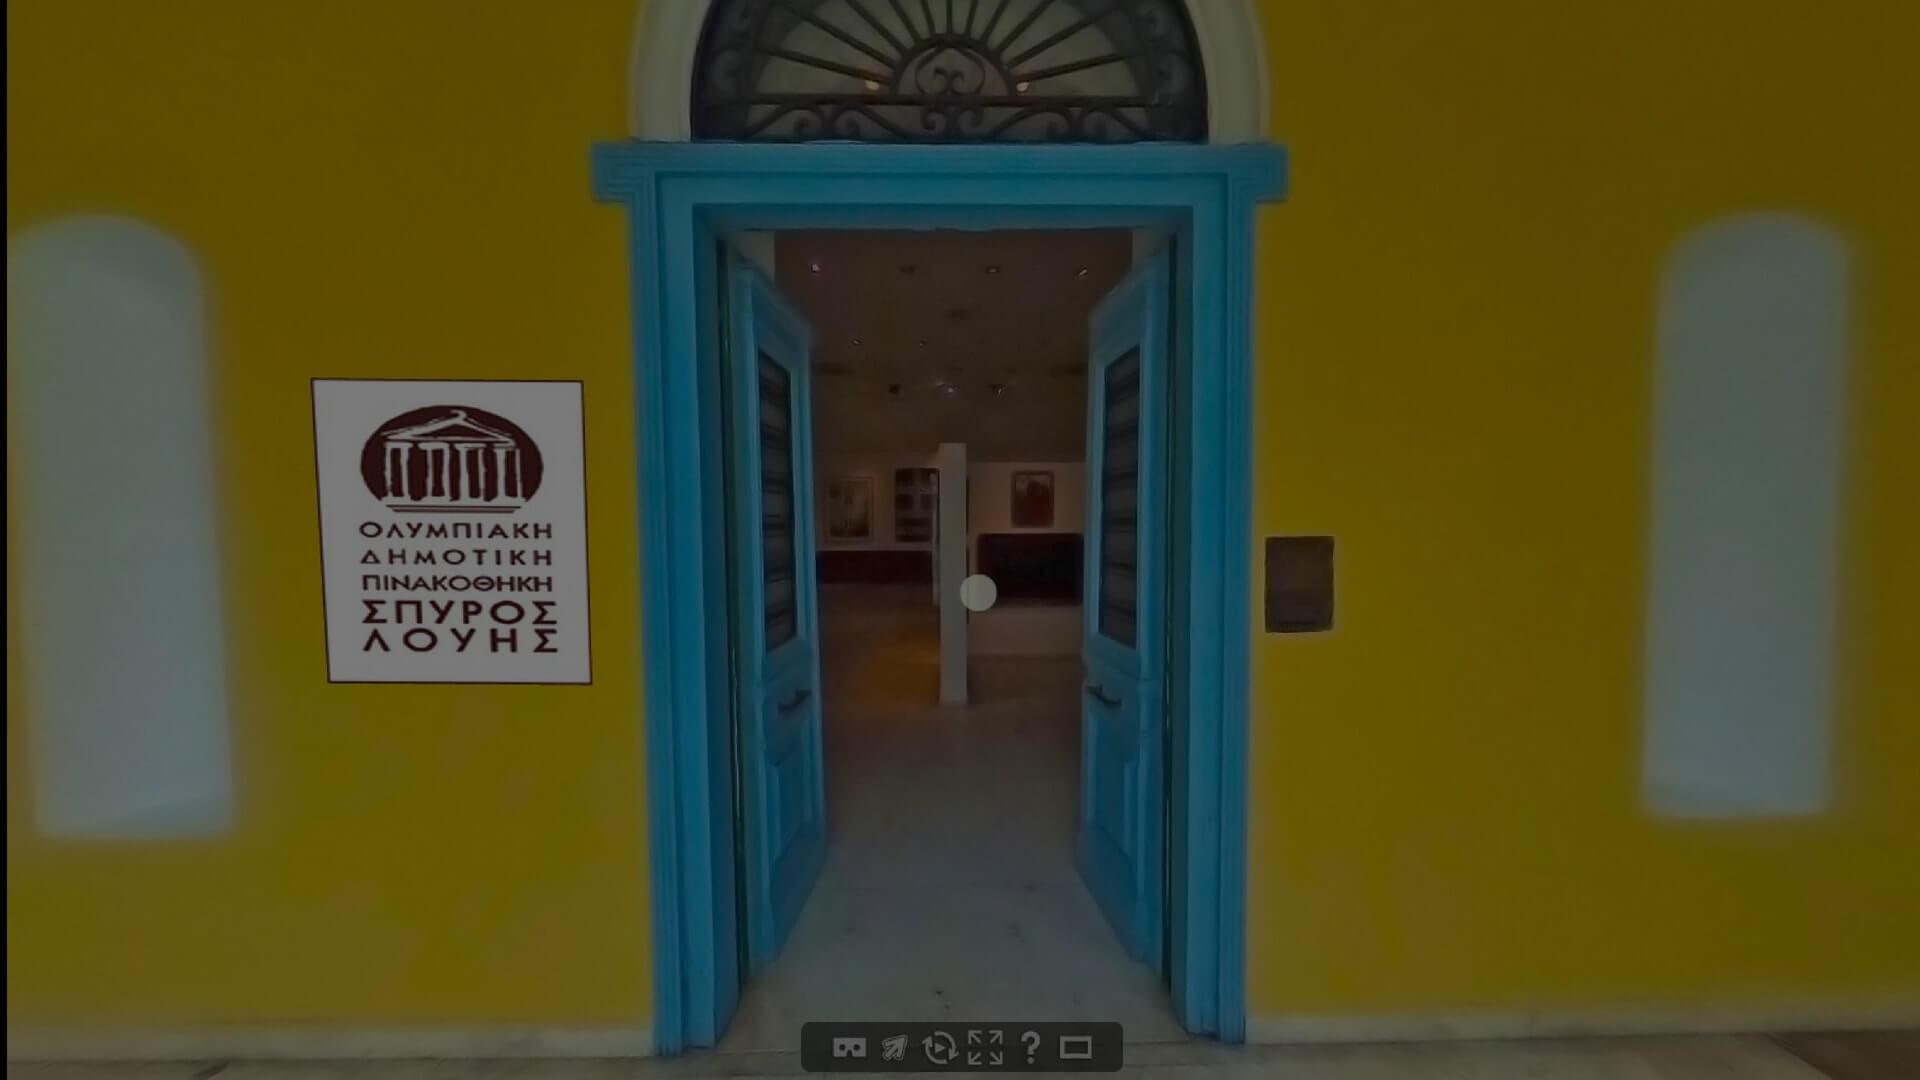 Ολυμπιακή Δημοτική Πινακοθήκη Αμαρουσίου «Σπύρος Λούης»